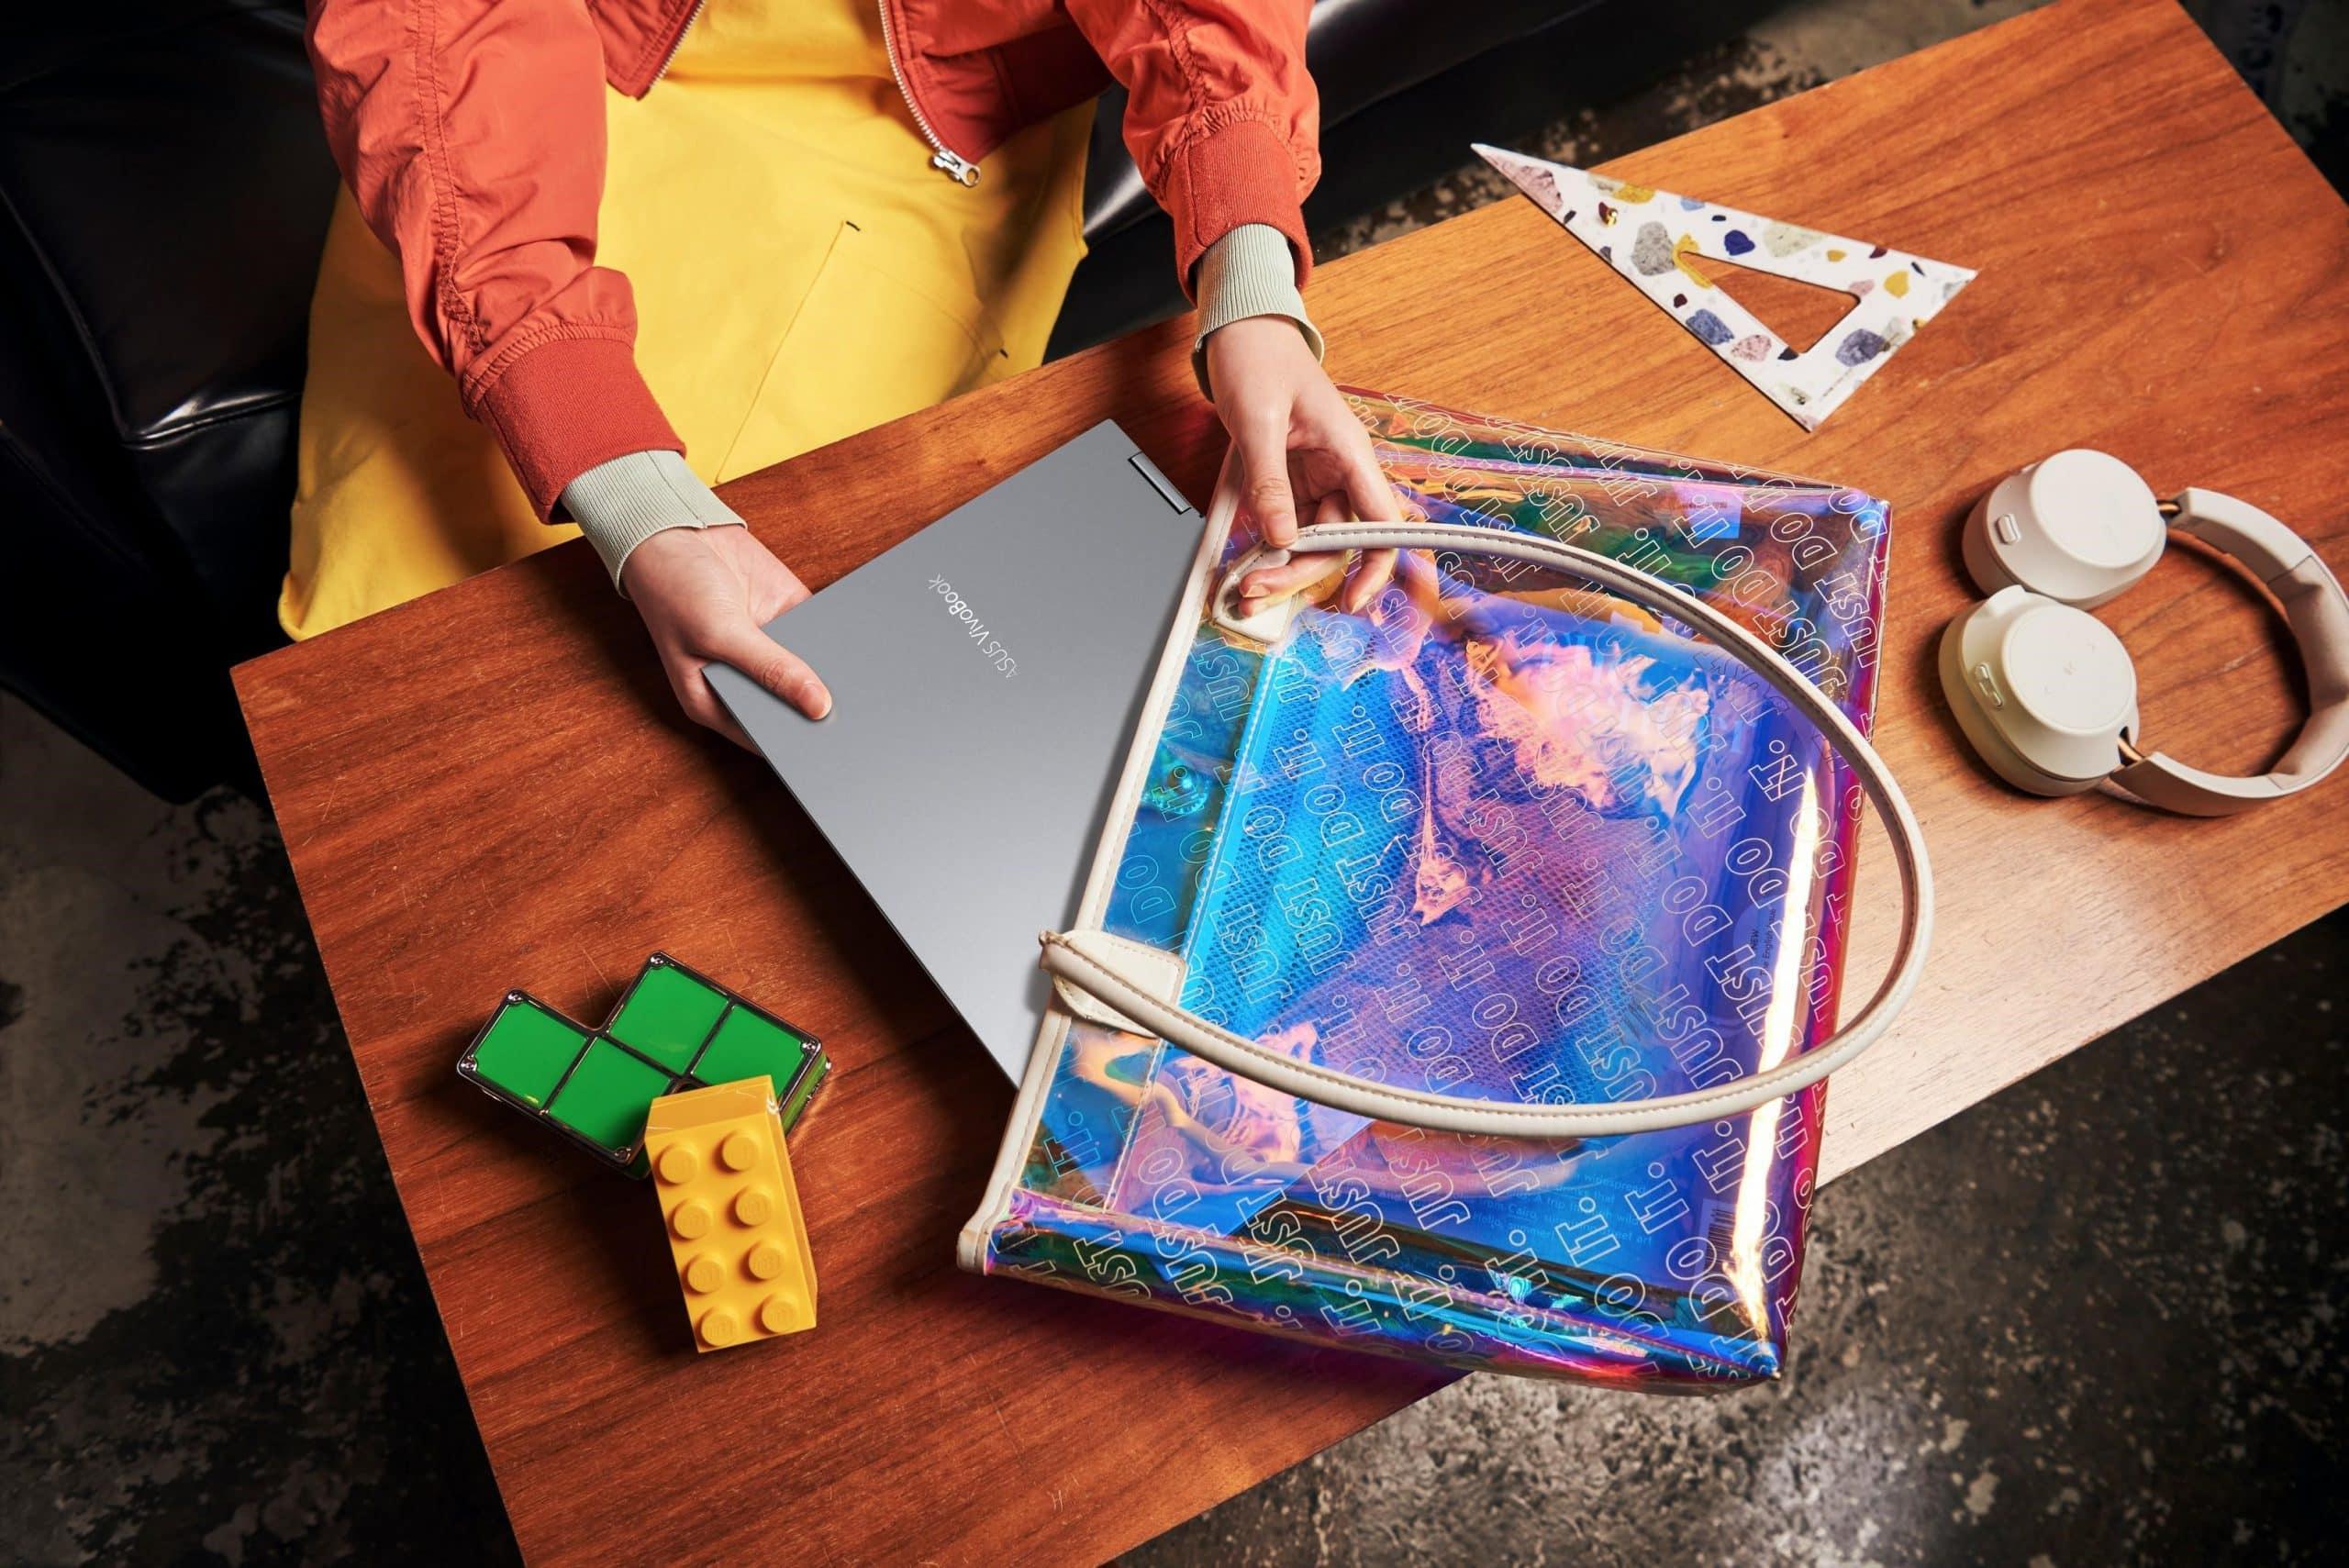 """VivoBook Flip 14 TP470, laptop 14"""" với màn hình cảm ứng xoay gập 360, Sản phẩm sẽ có mức giá từ 15,490,000 đồng"""